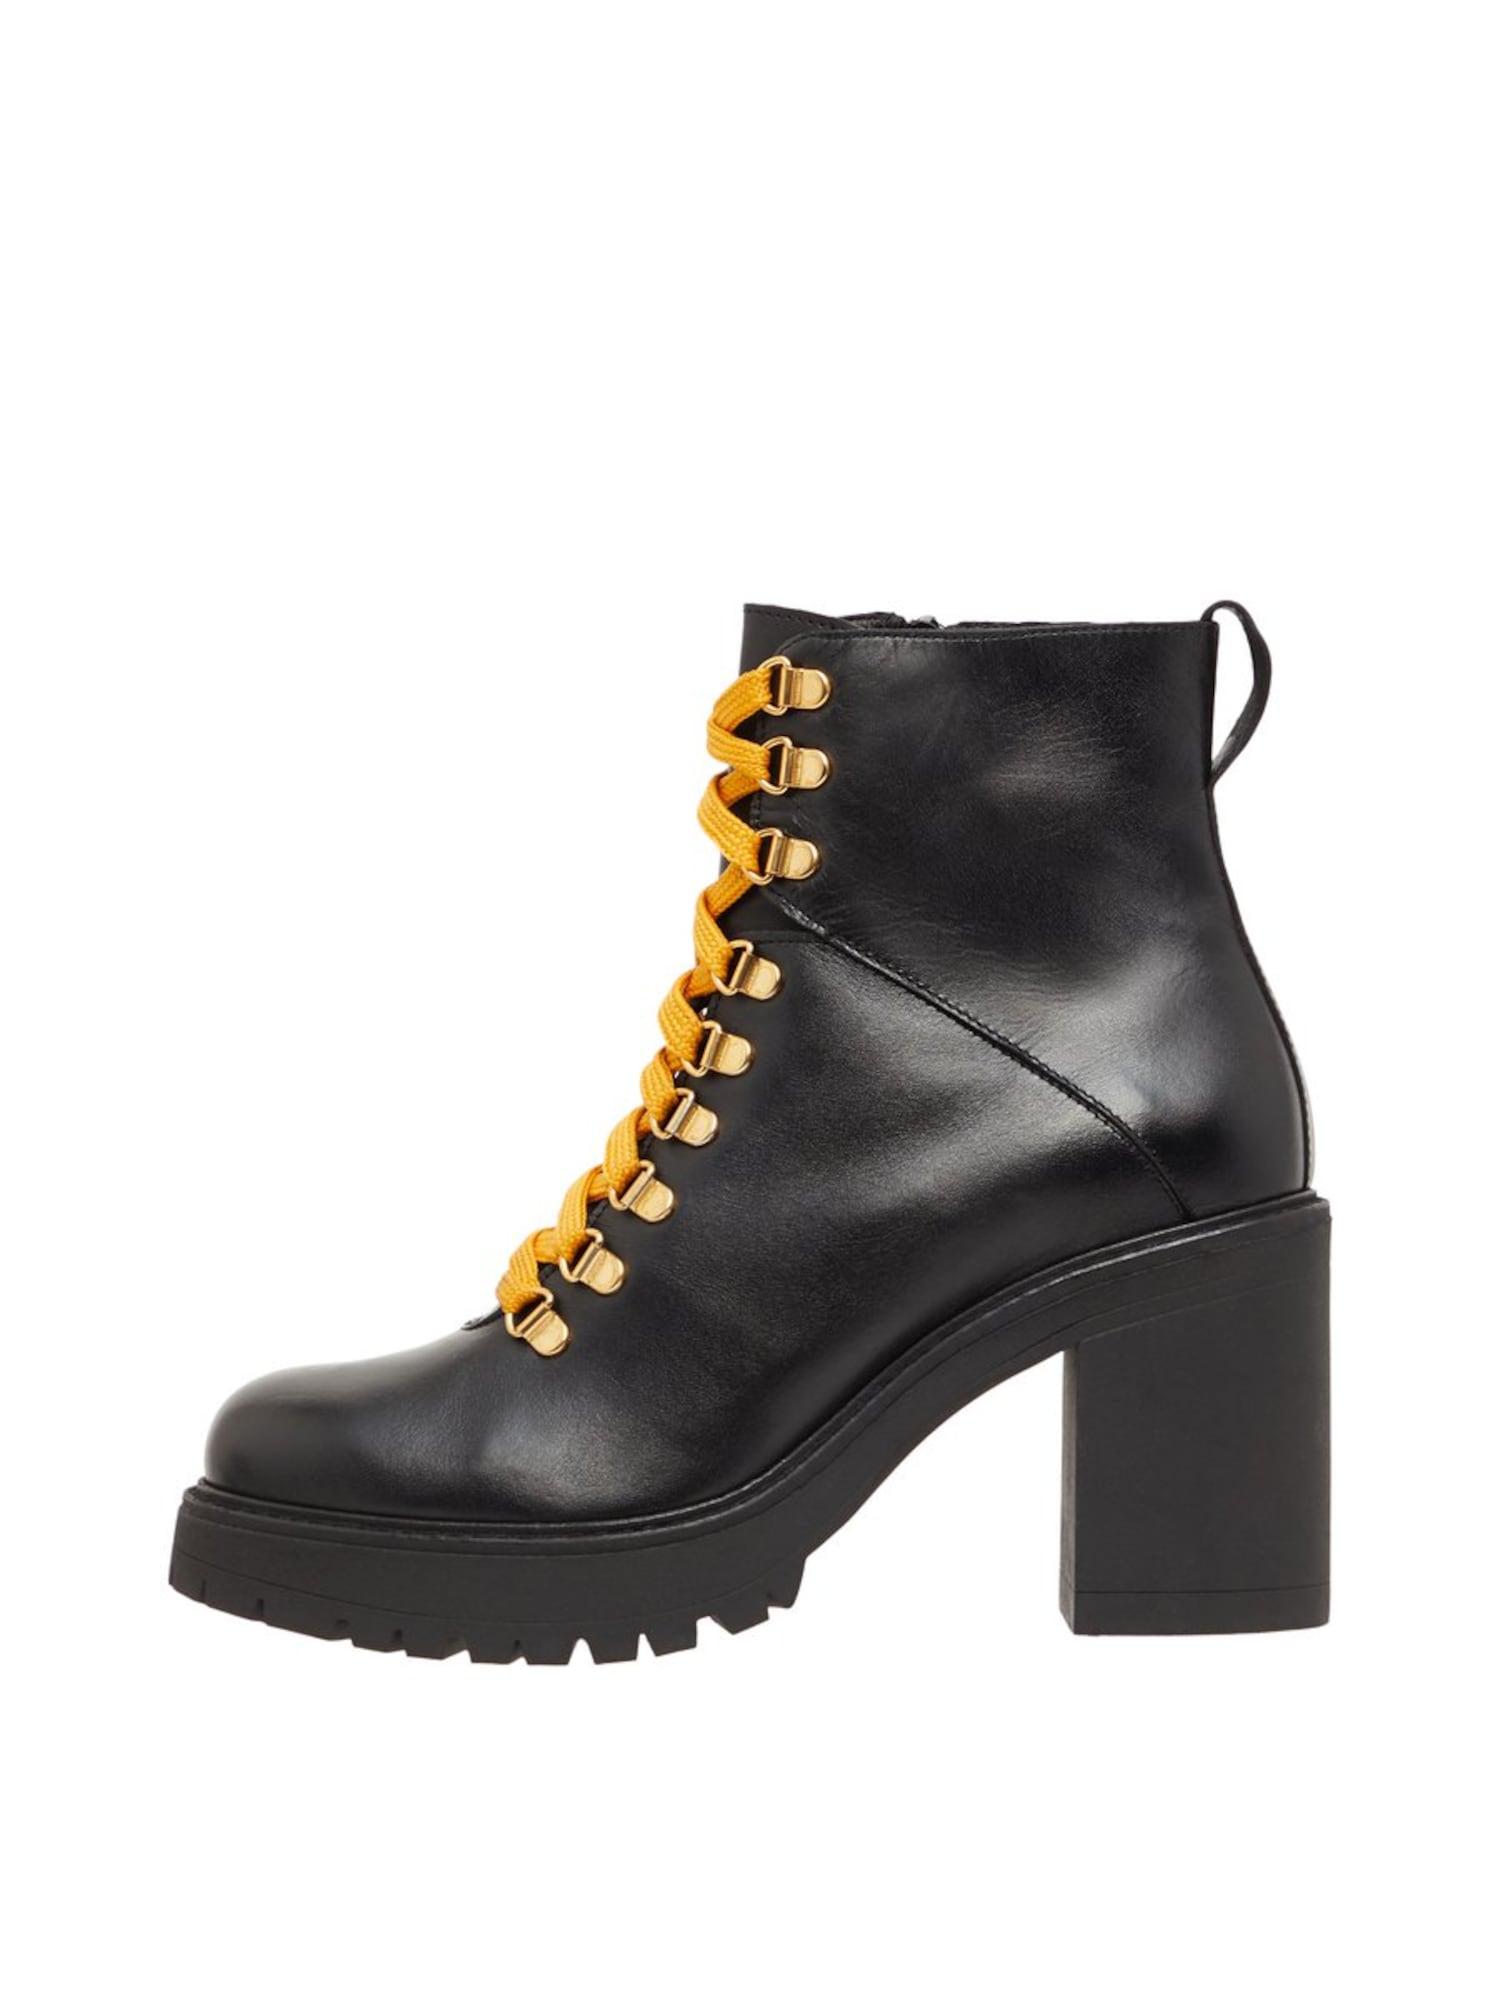 Bianco Suvarstomieji kulkšnis dengiantys batai 'Biacurtis' juoda